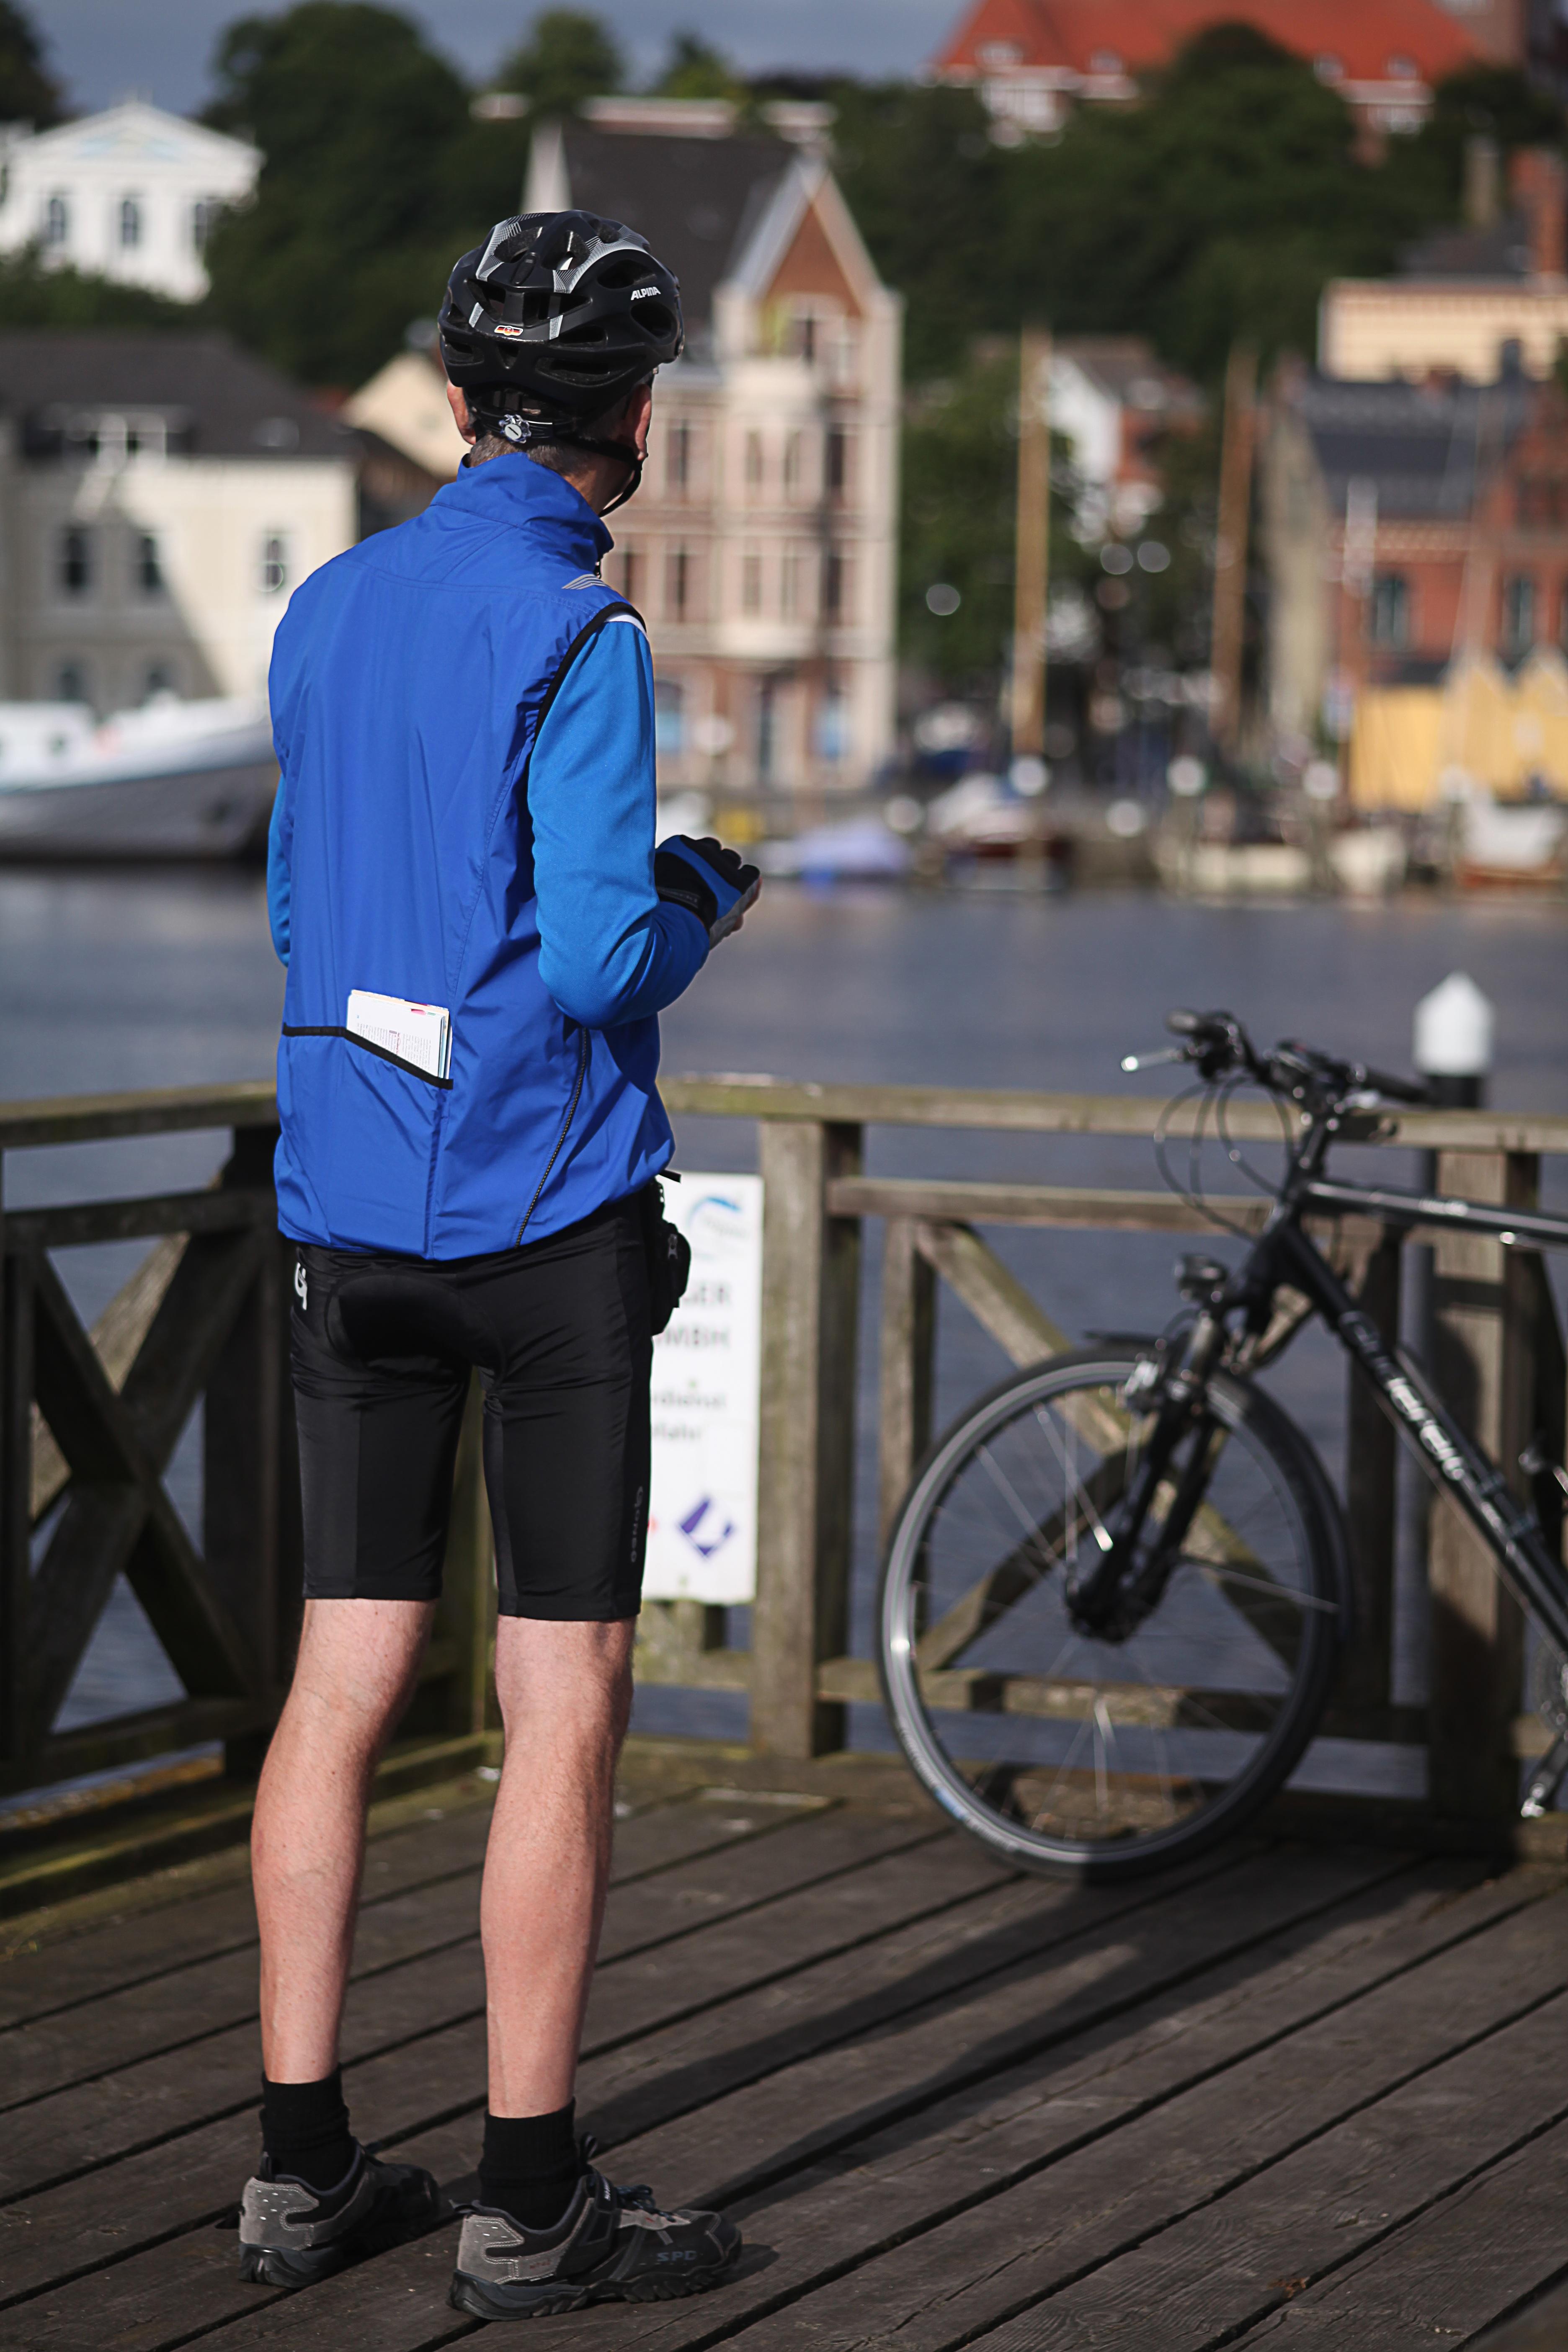 Kostenlose foto  Wasser Strae Morgen Fahrrad Tourist